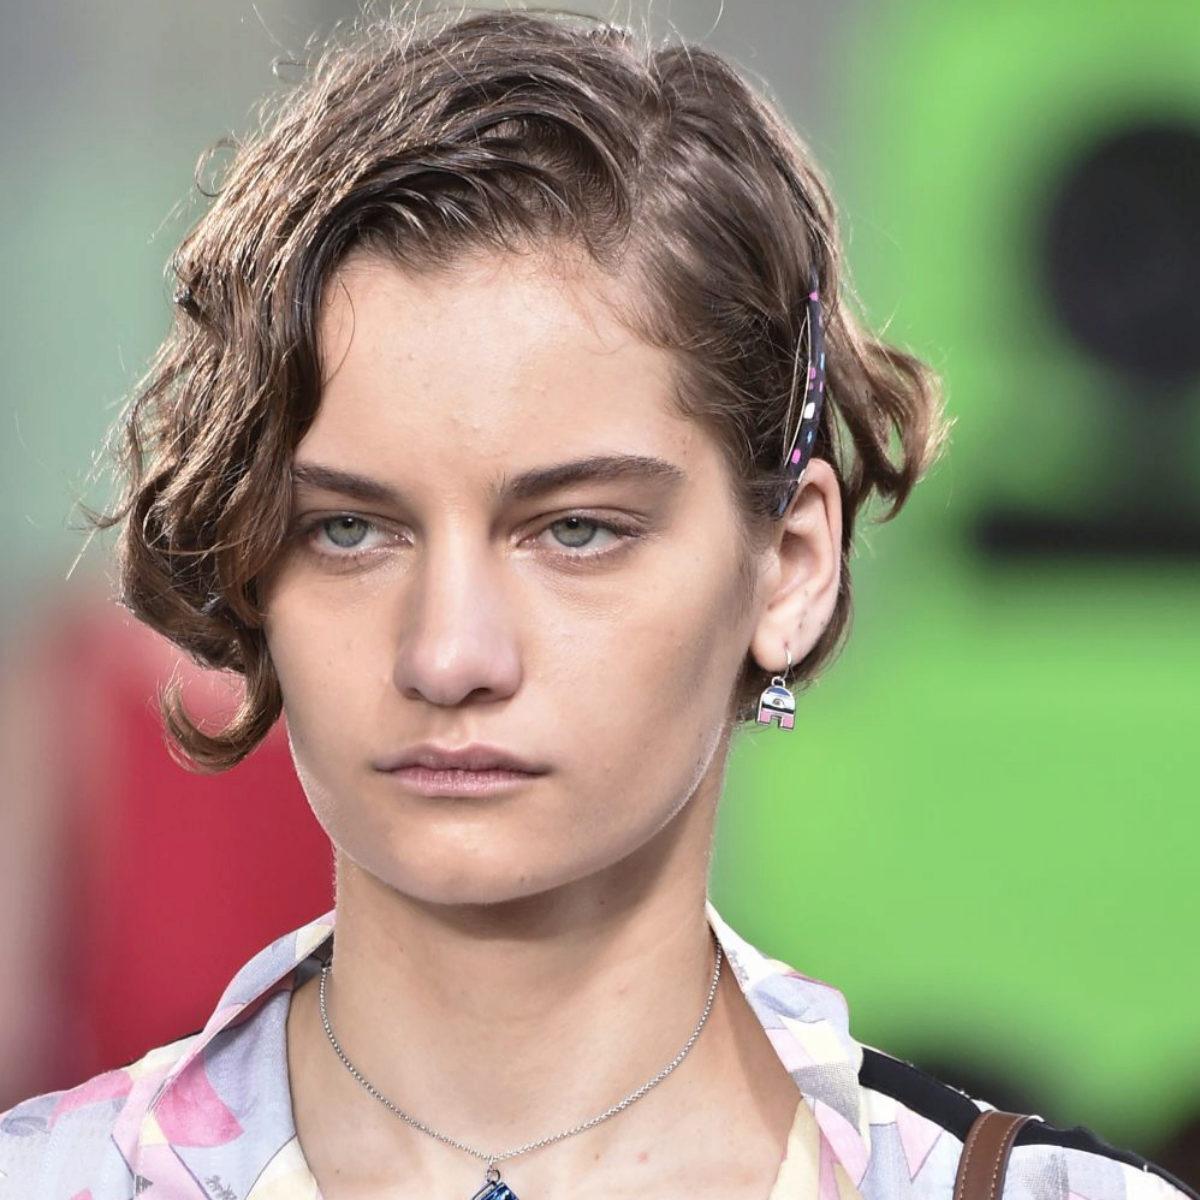 La modelo Alina Bolotina con un corte pixie rizado adornado con...